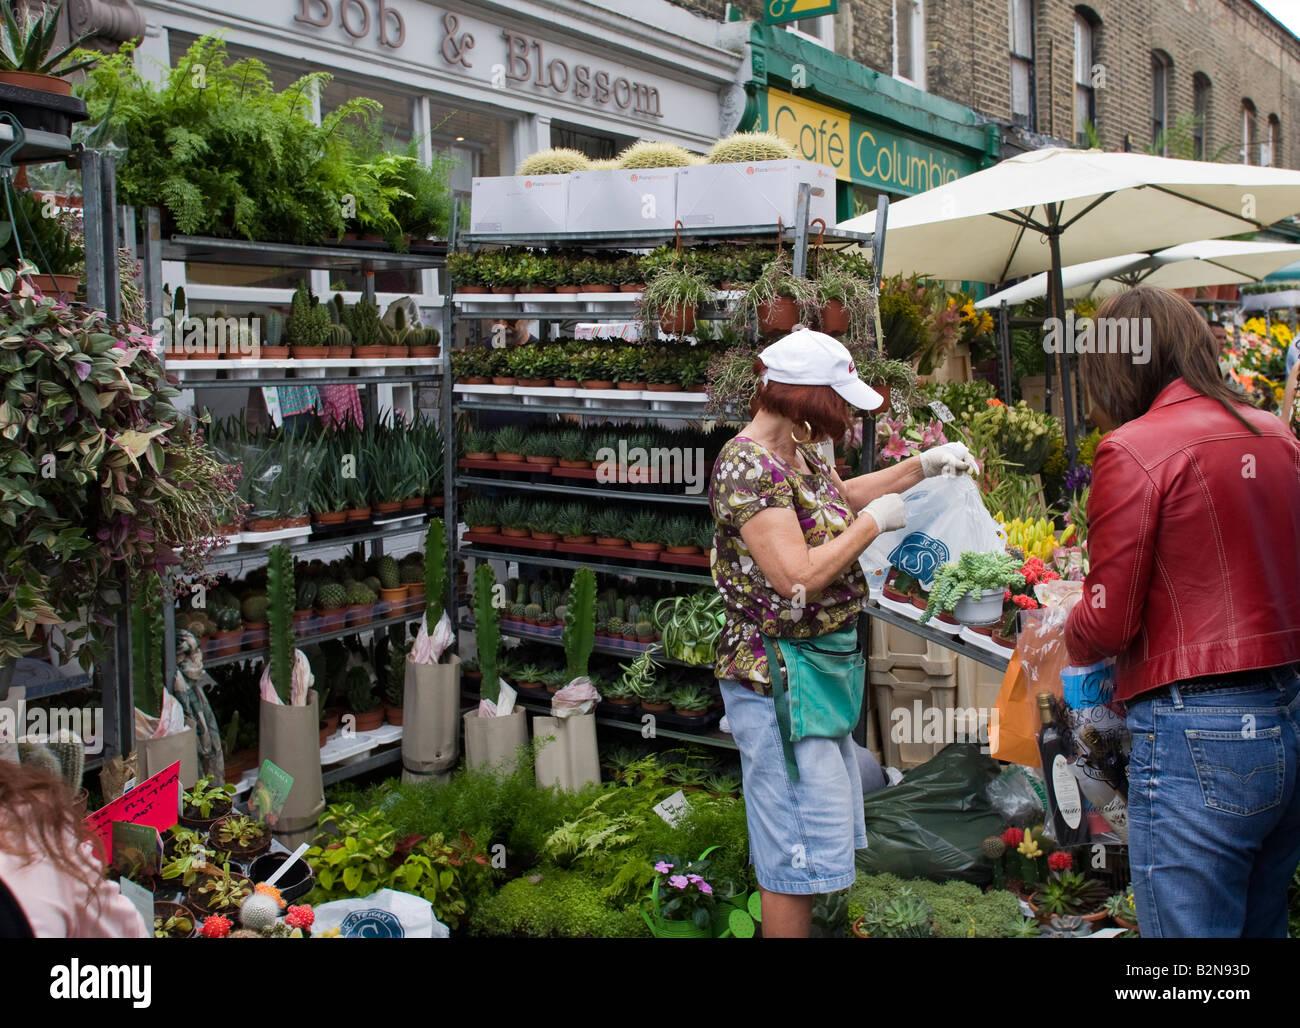 Columbia Road Dimanche Marché aux fleurs d'Hackney Road East London GB UK Photo Stock